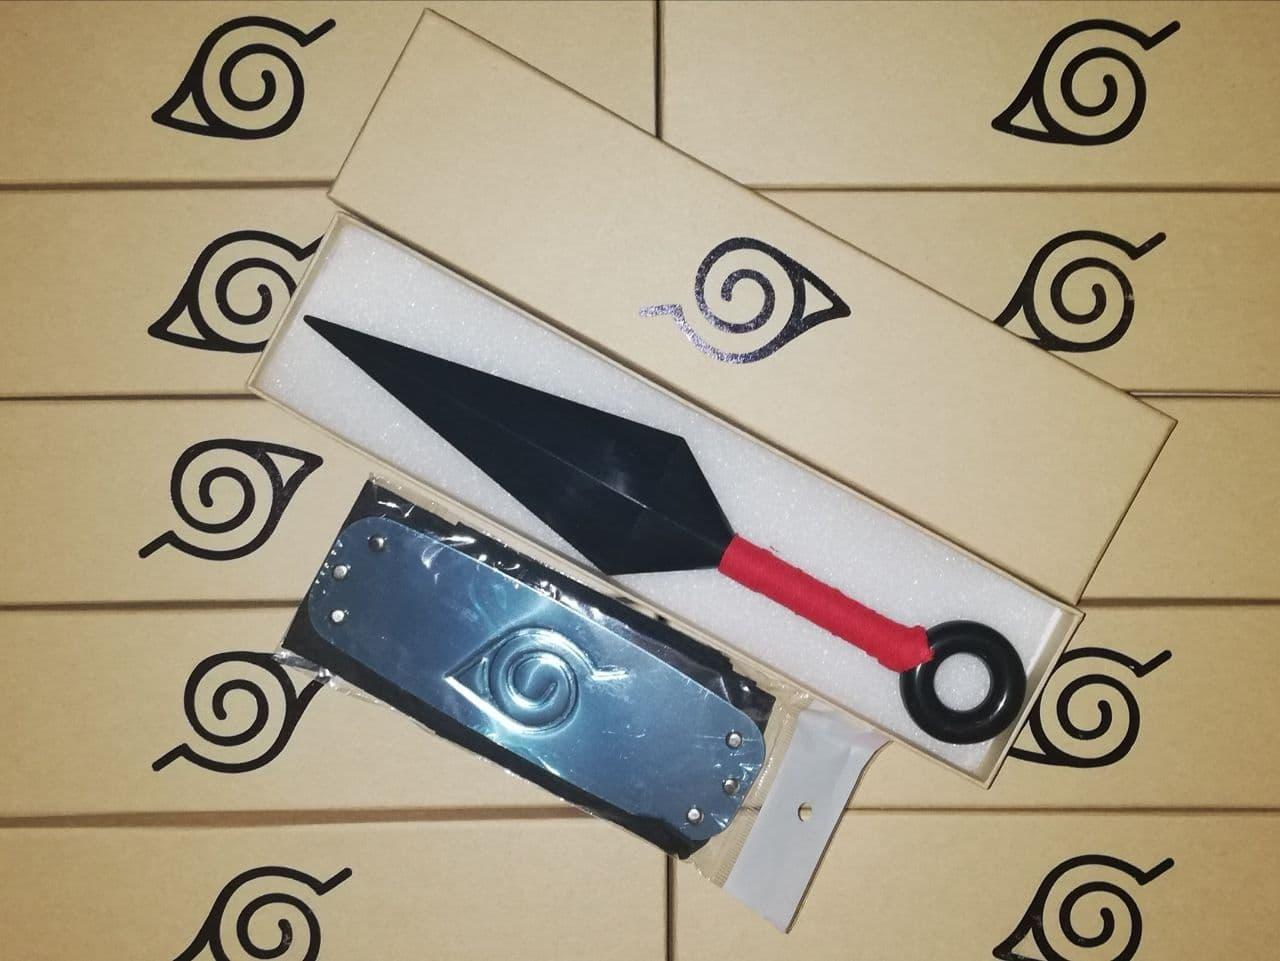 Набор аксессуаров Наруто, 2в1, налобный протектор, красный кунай - Naruto Set